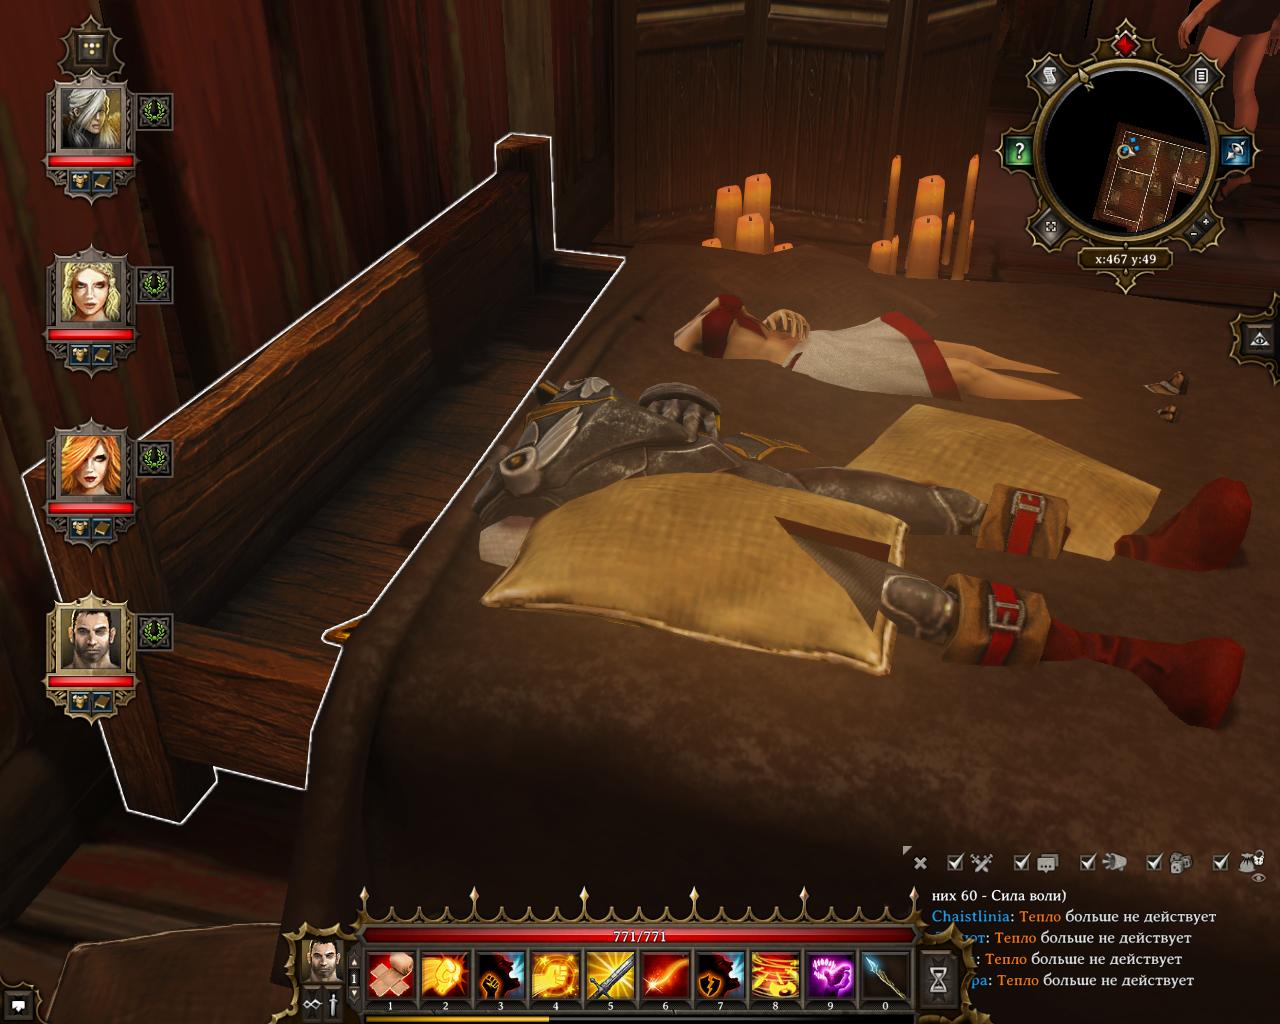 Мягкая кровать из дерева - Divinity: Original Sin баг, мягкая кровать, прикольно